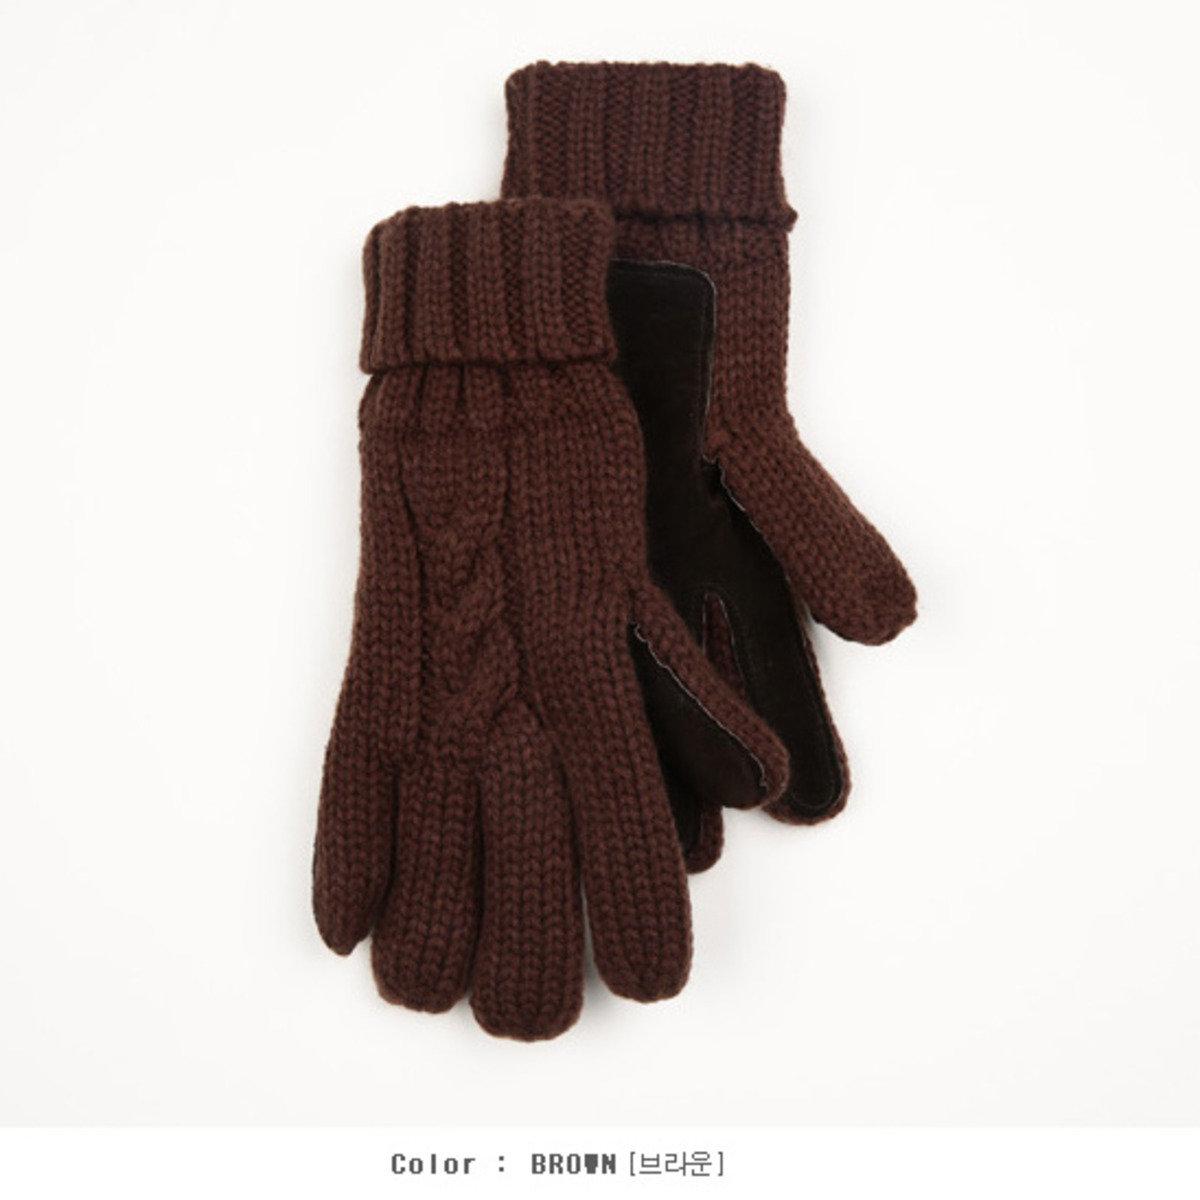 扭繩編織手套_AC2_151119959